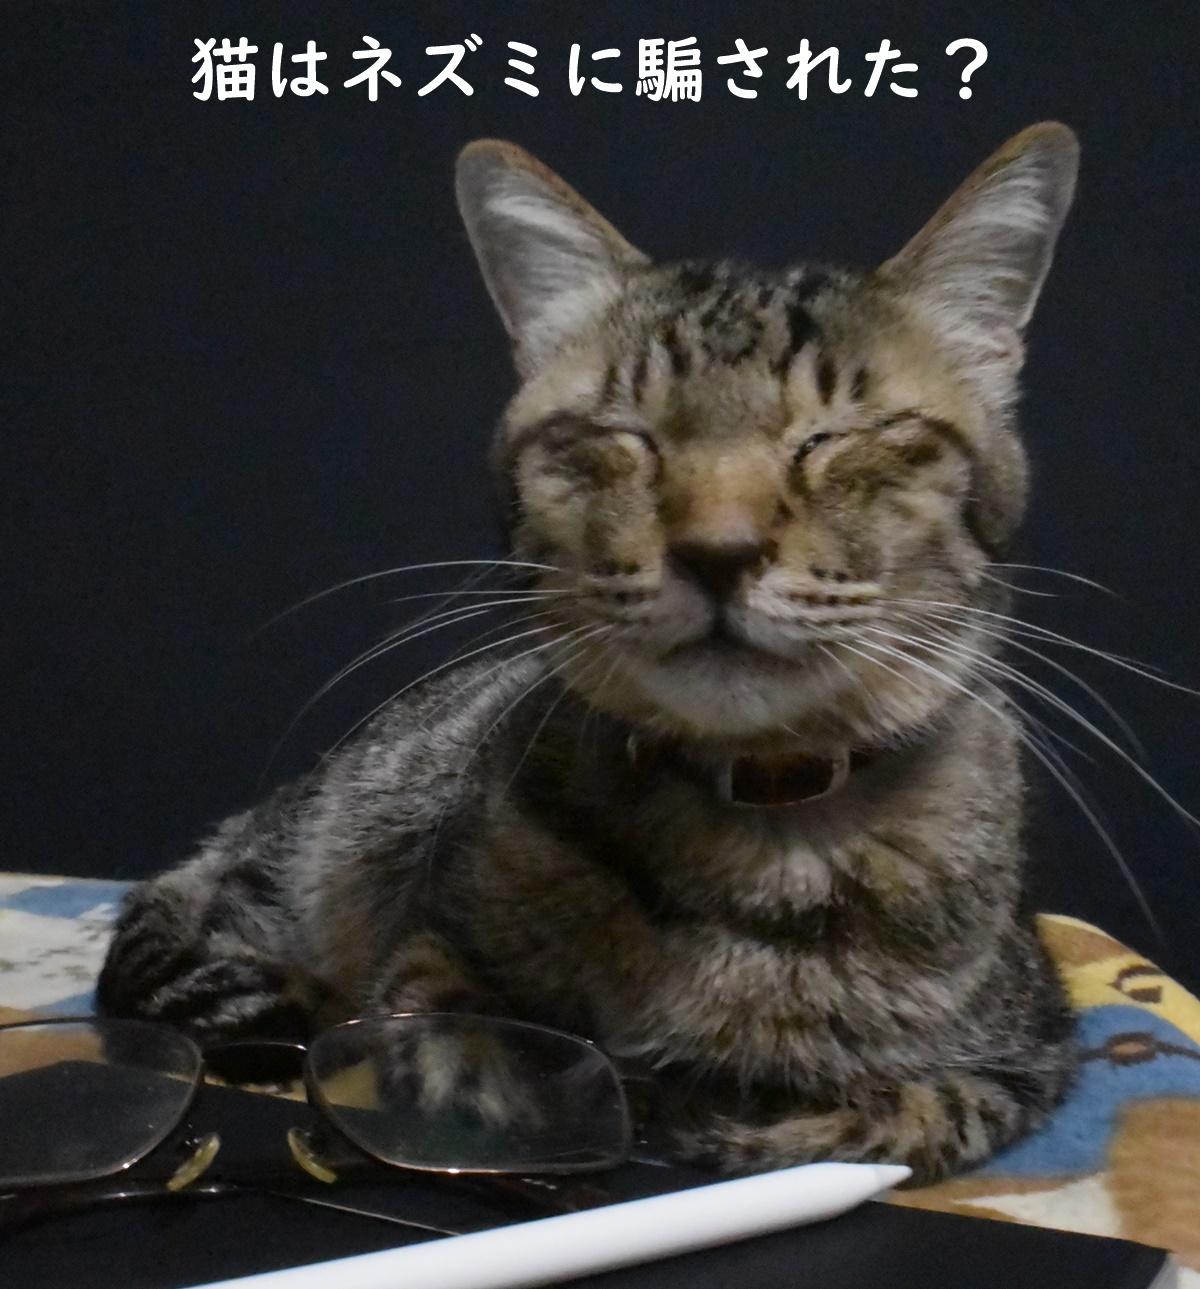 猫はネズミに騙された?